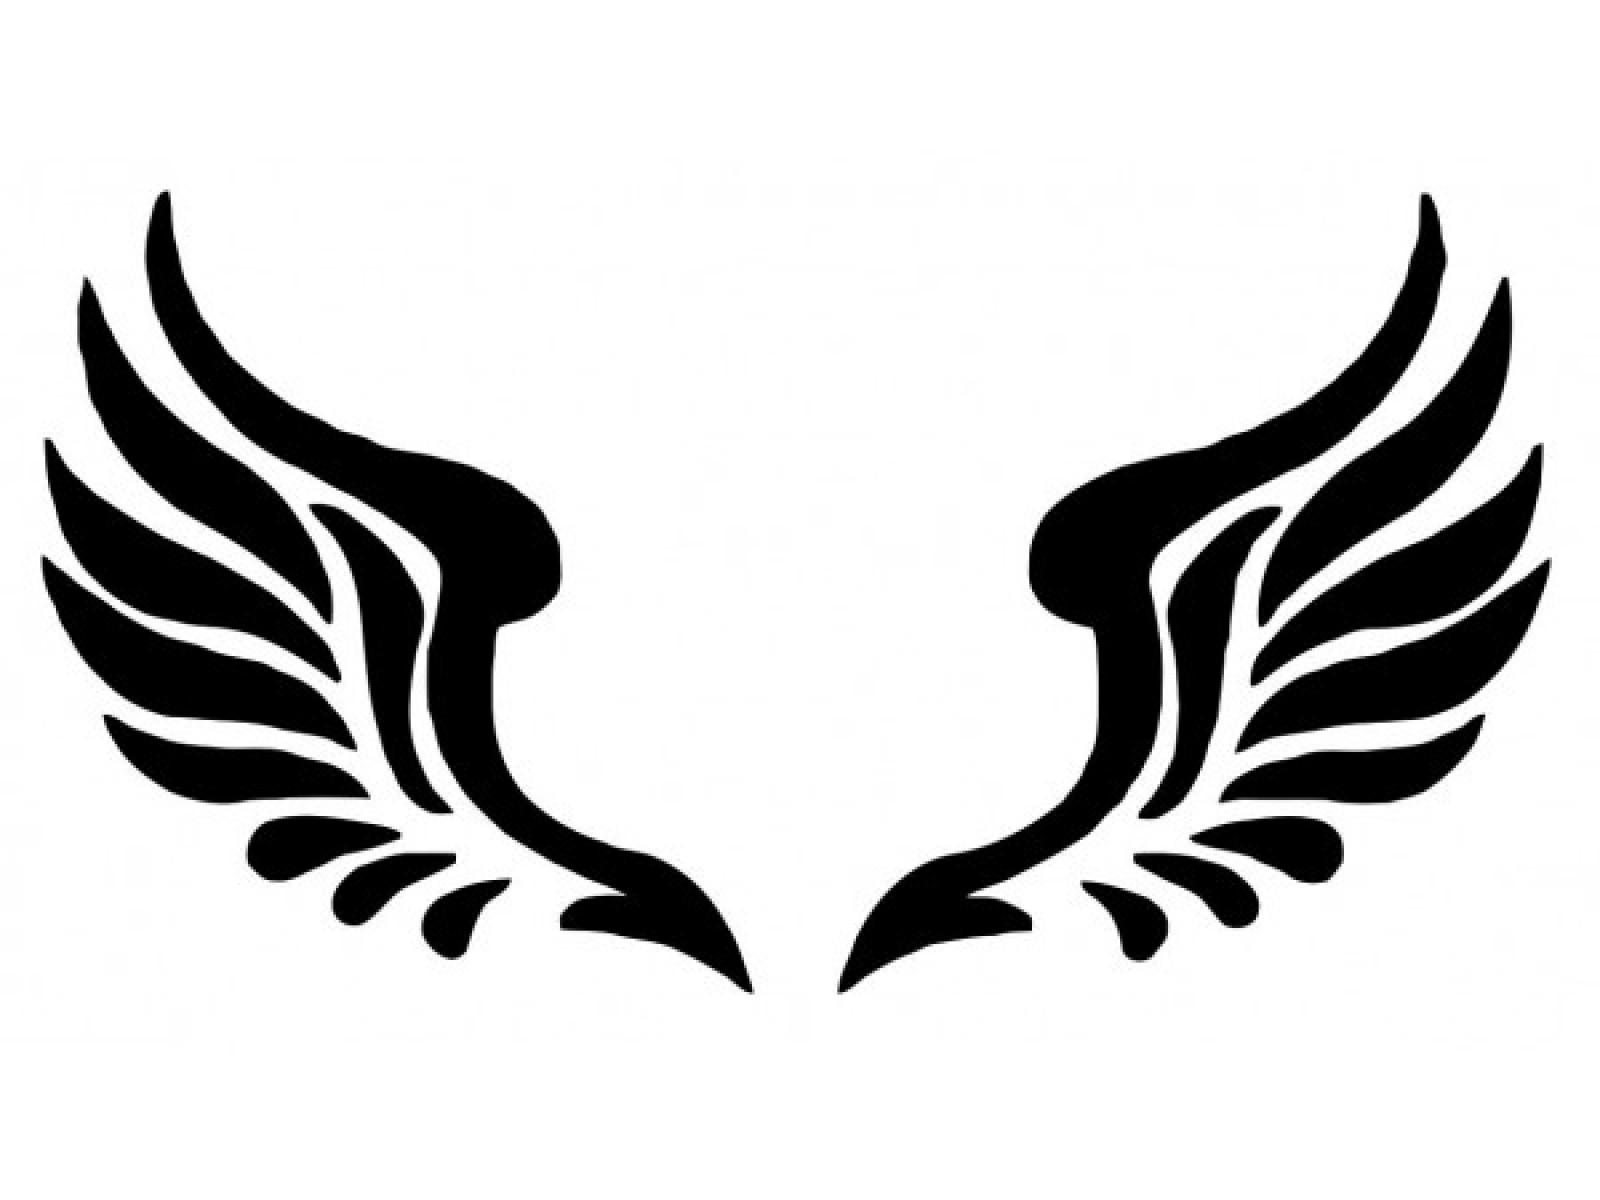 1600x1200 Drawn Wings Stencil